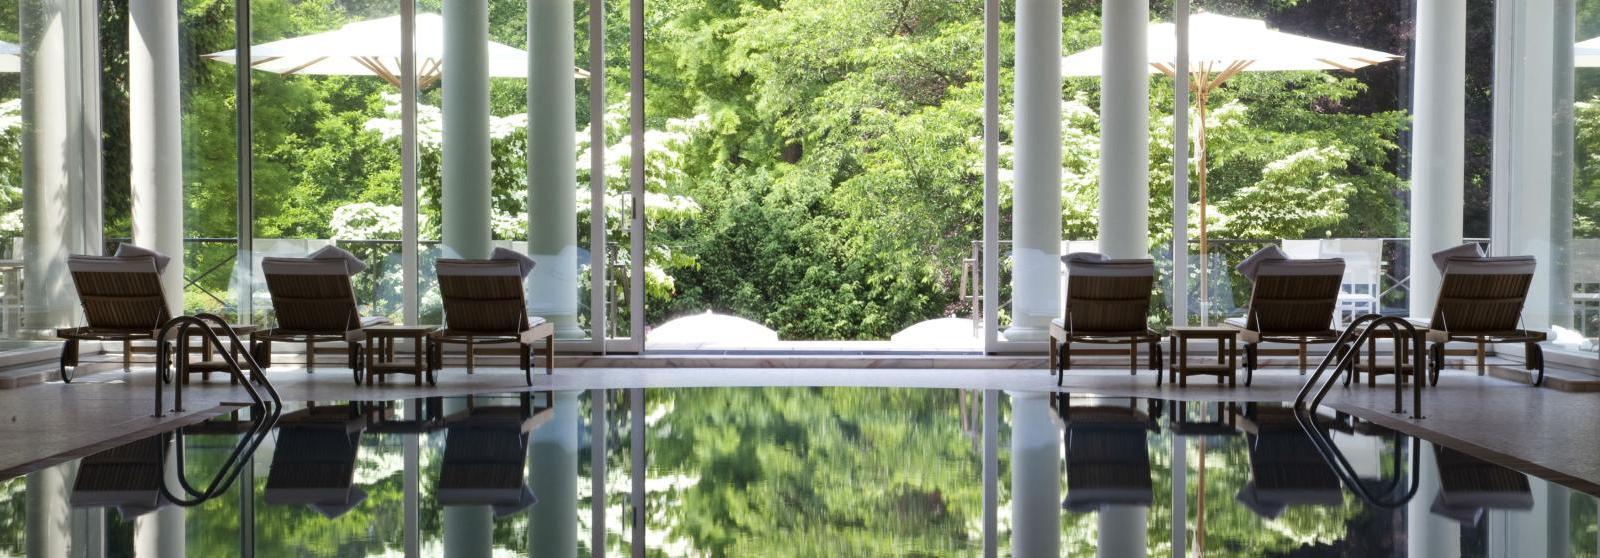 巴登—巴登布伦纳柏水疗度假村{Brenners Park-Hotel and Spa) 发展历程 www.lhw.cn